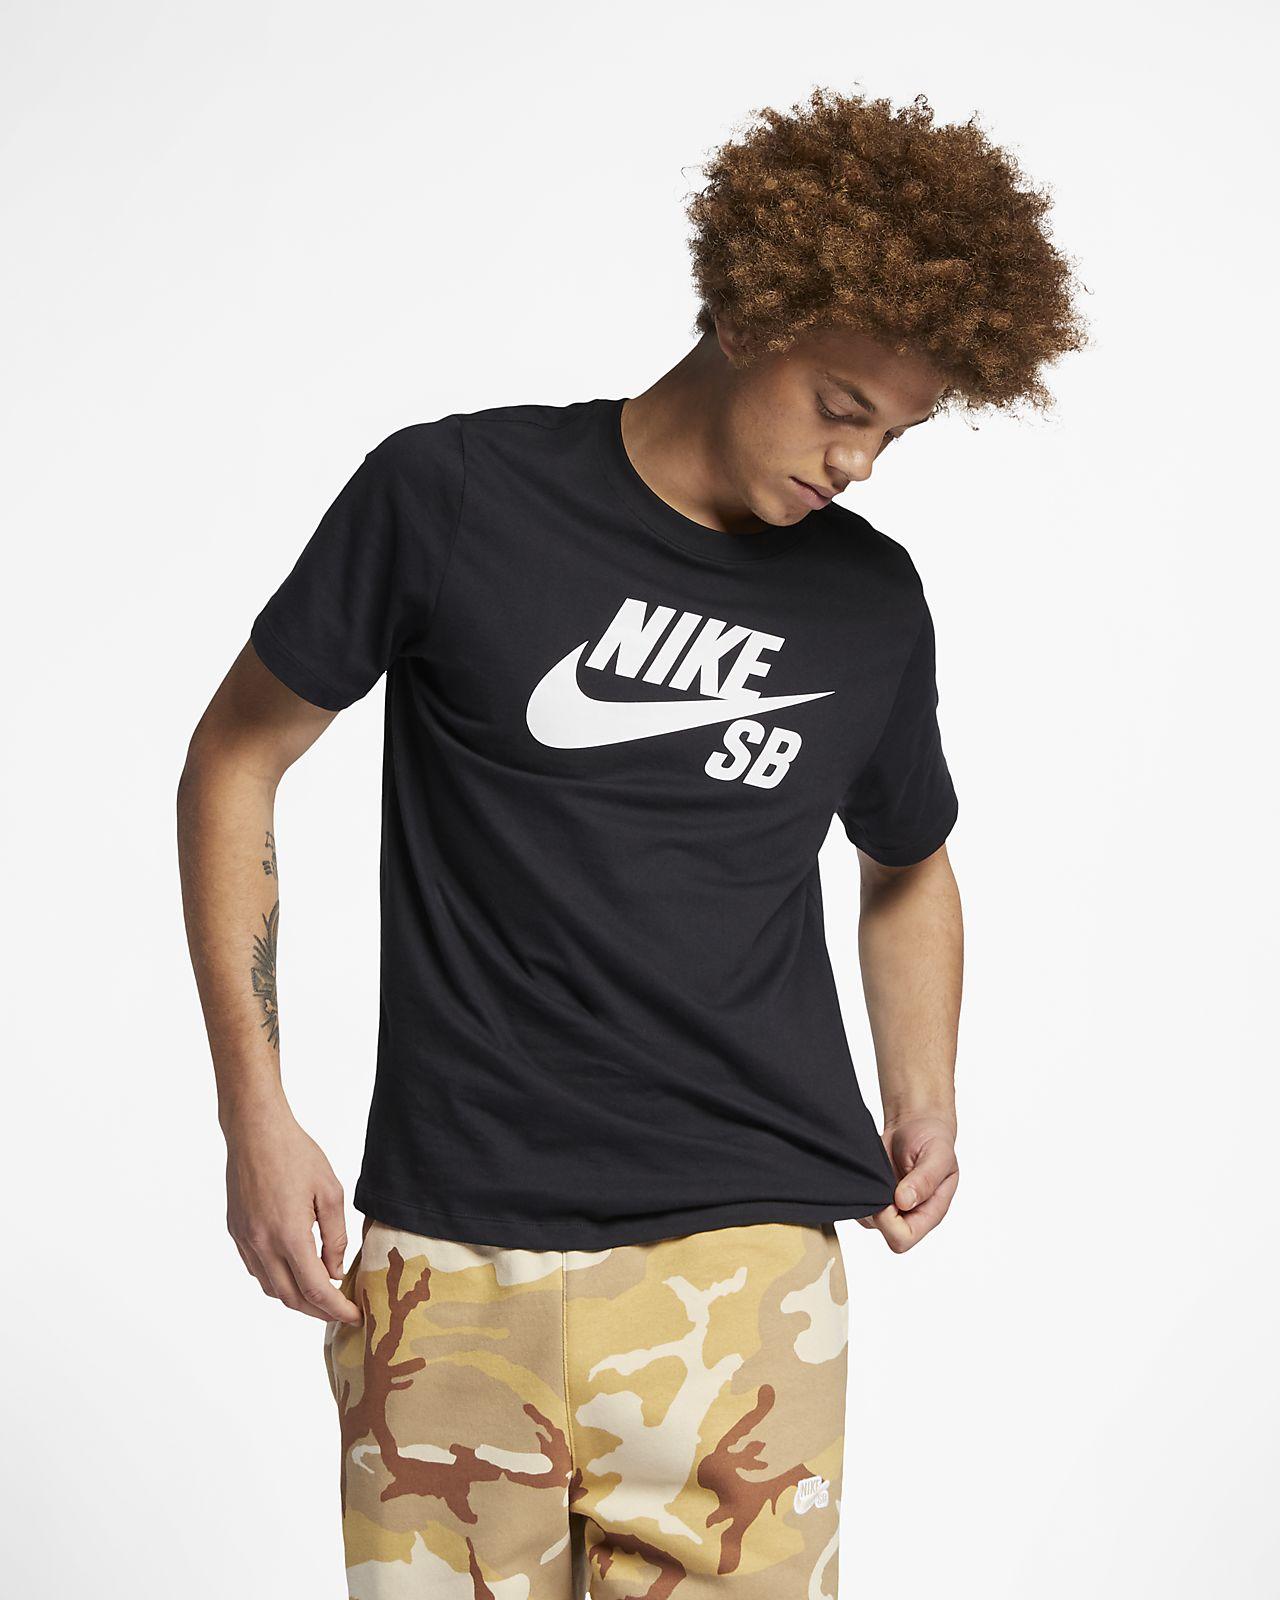 Nike SB Dri-FIT-skater-T-shirt